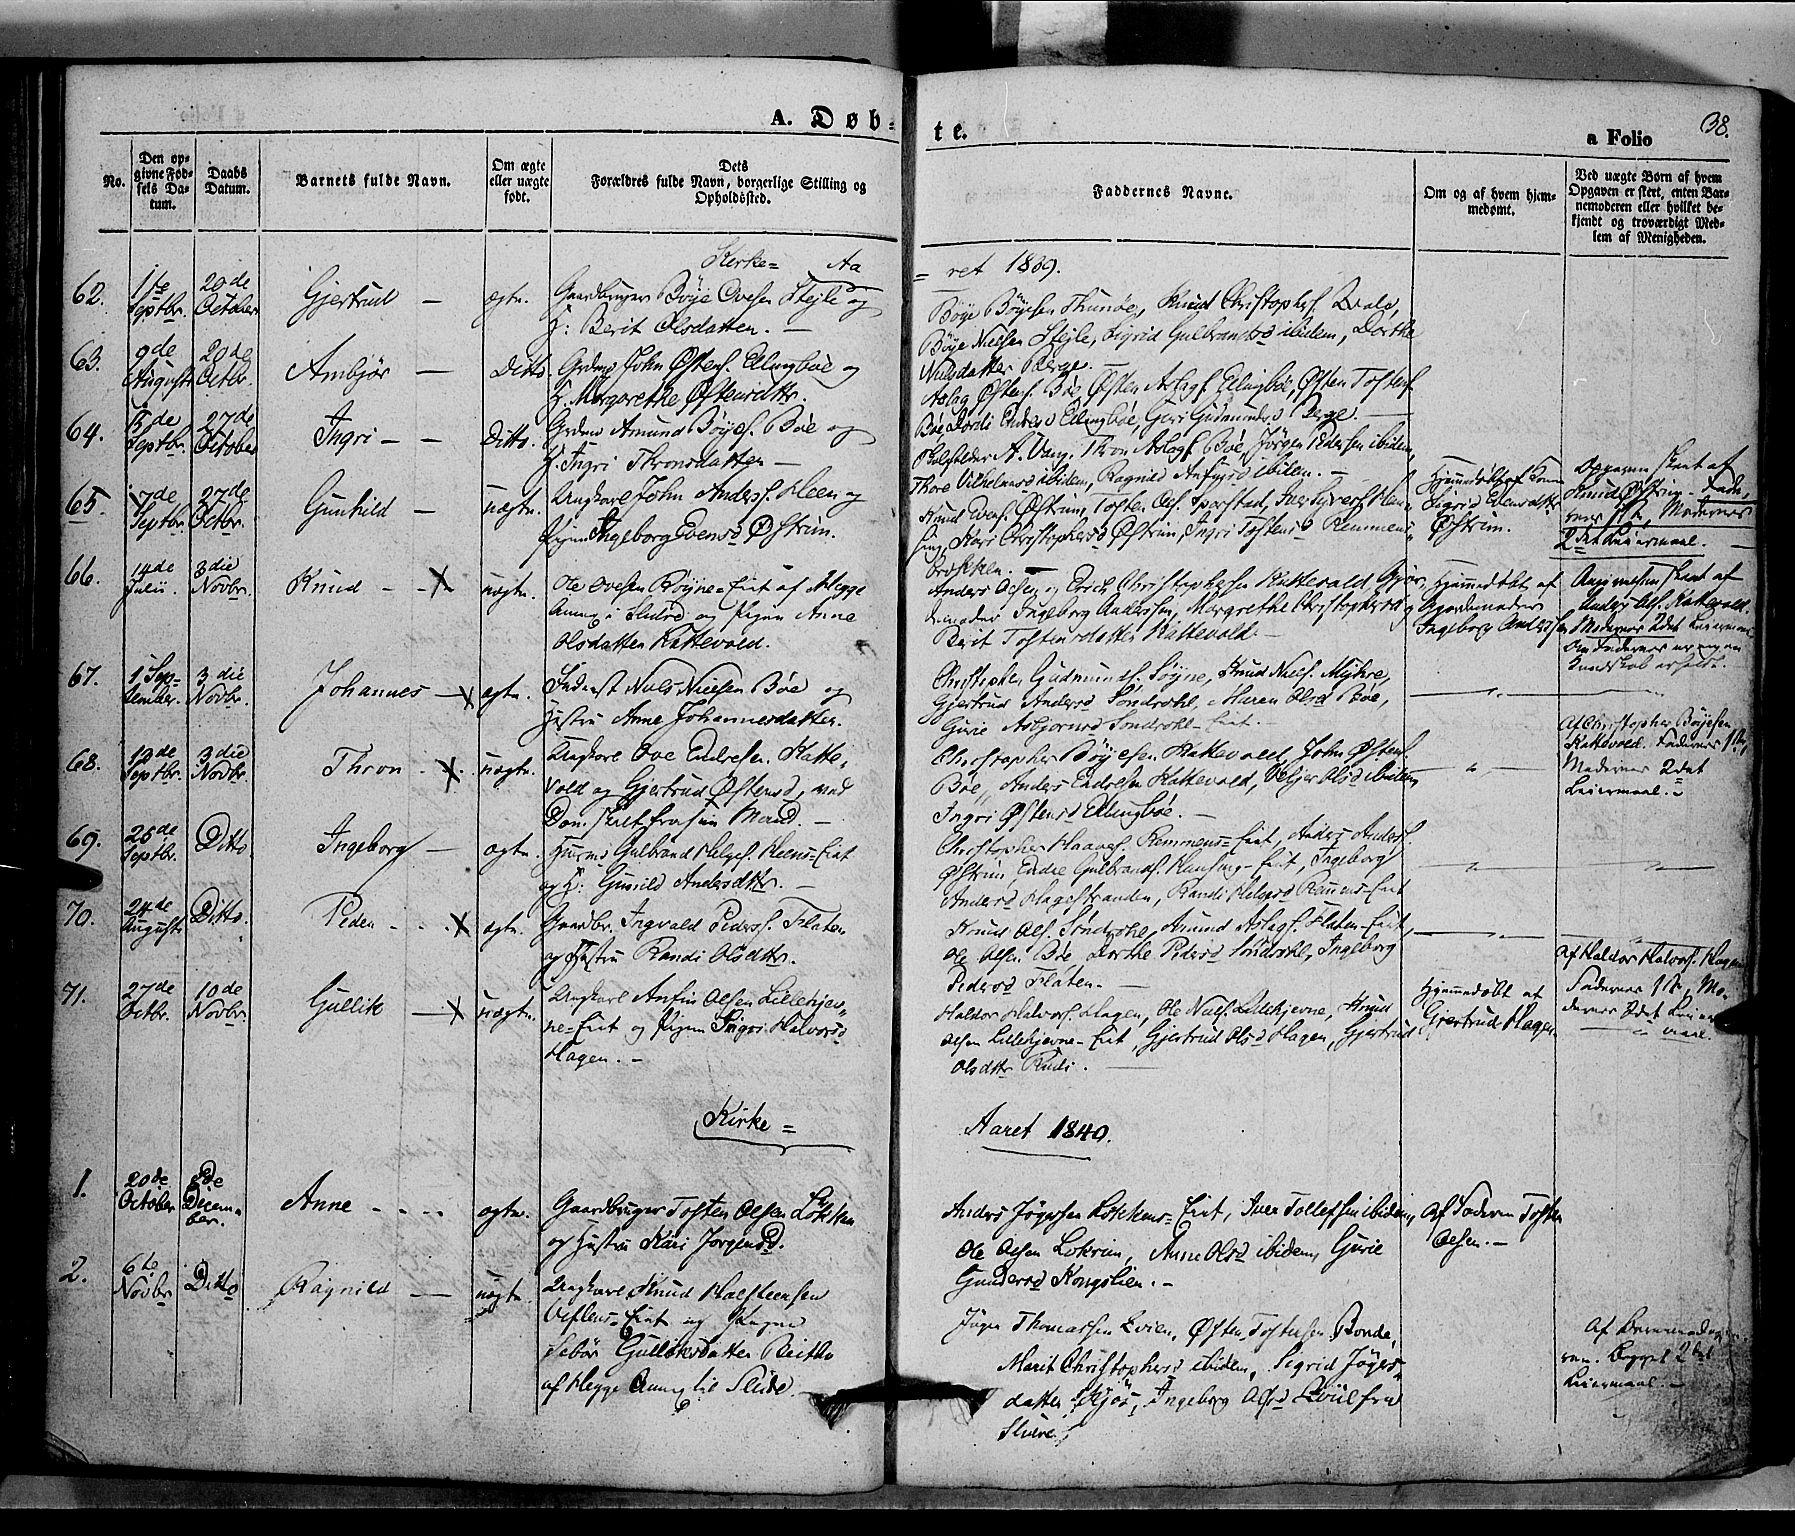 SAH, Vang prestekontor, Valdres, Ministerialbok nr. 5, 1831-1845, s. 38